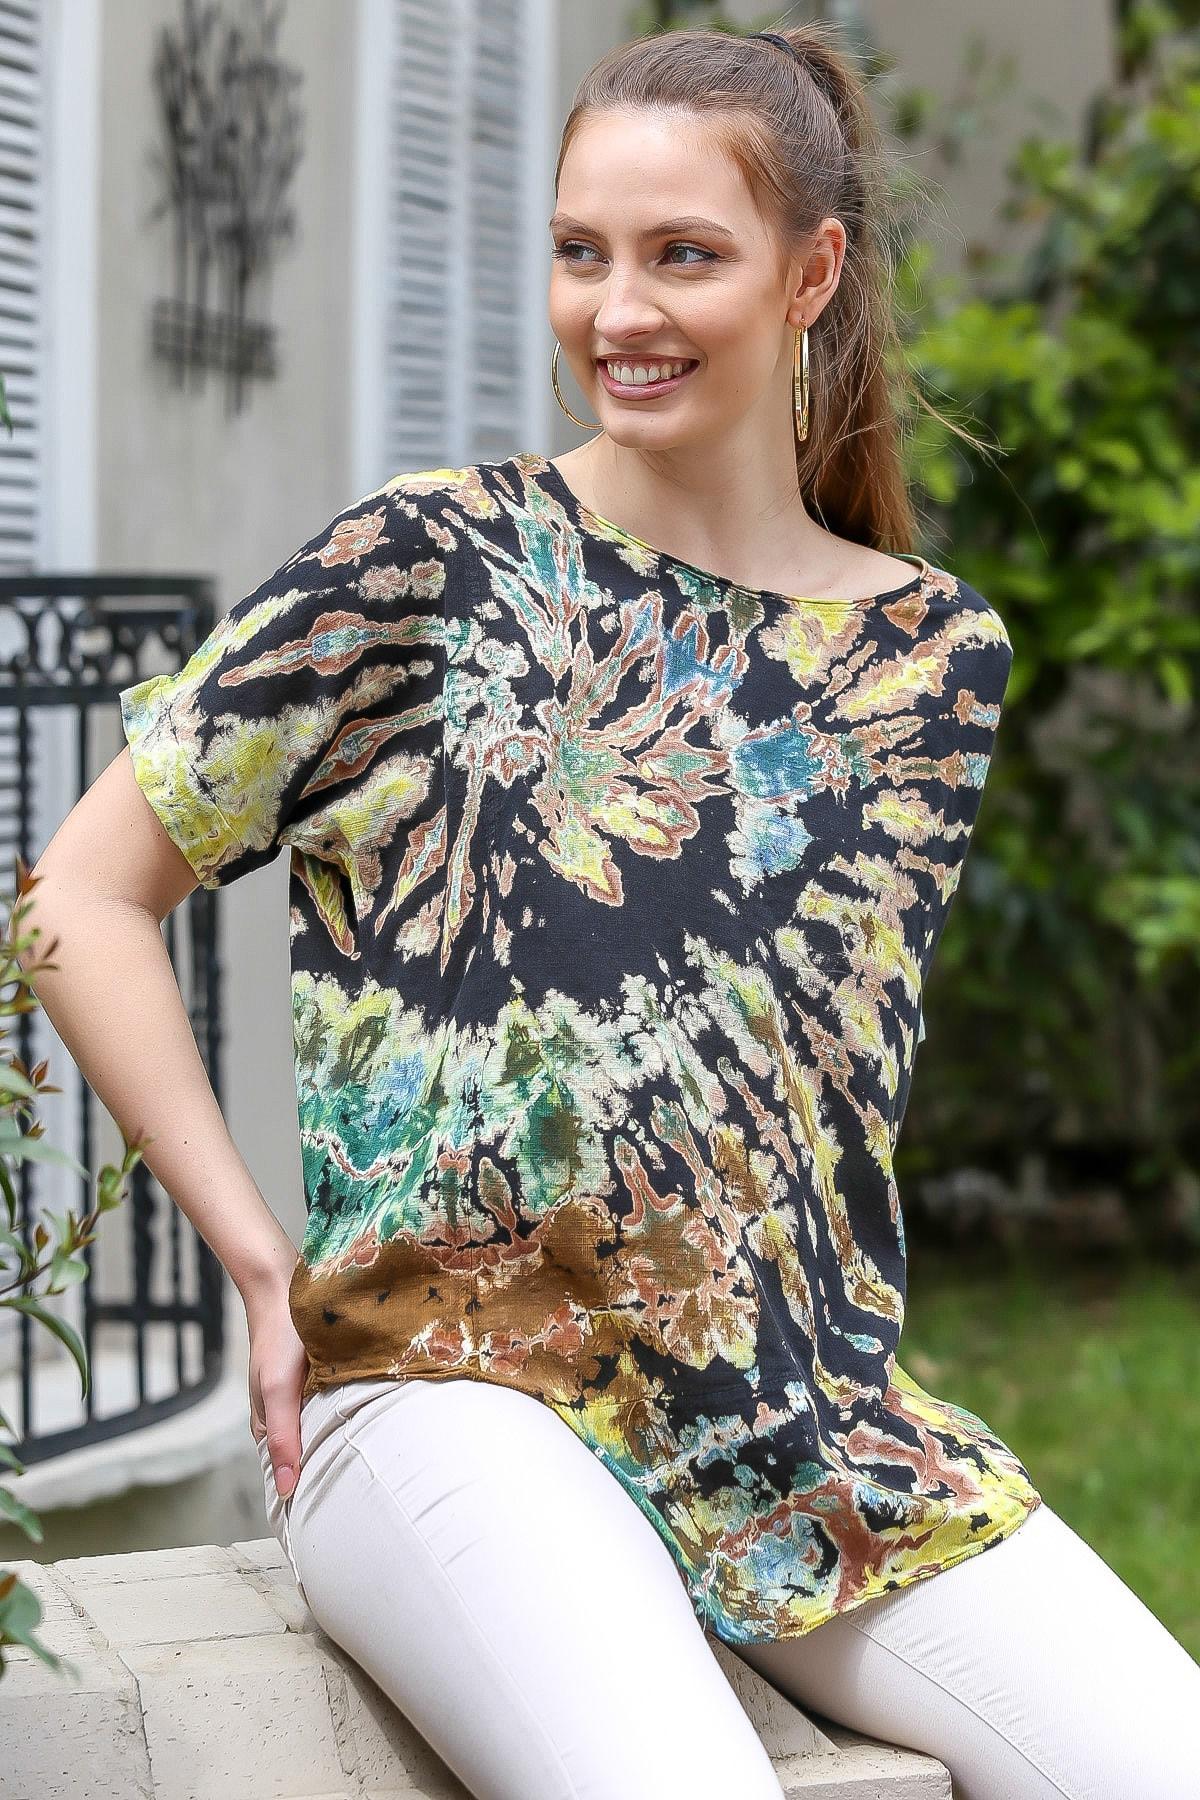 Chiccy Kadın Siyah-Bej Sıfır Yaka Batik Desenli Dokuma Salaş Bluz M10010200BL95416 1